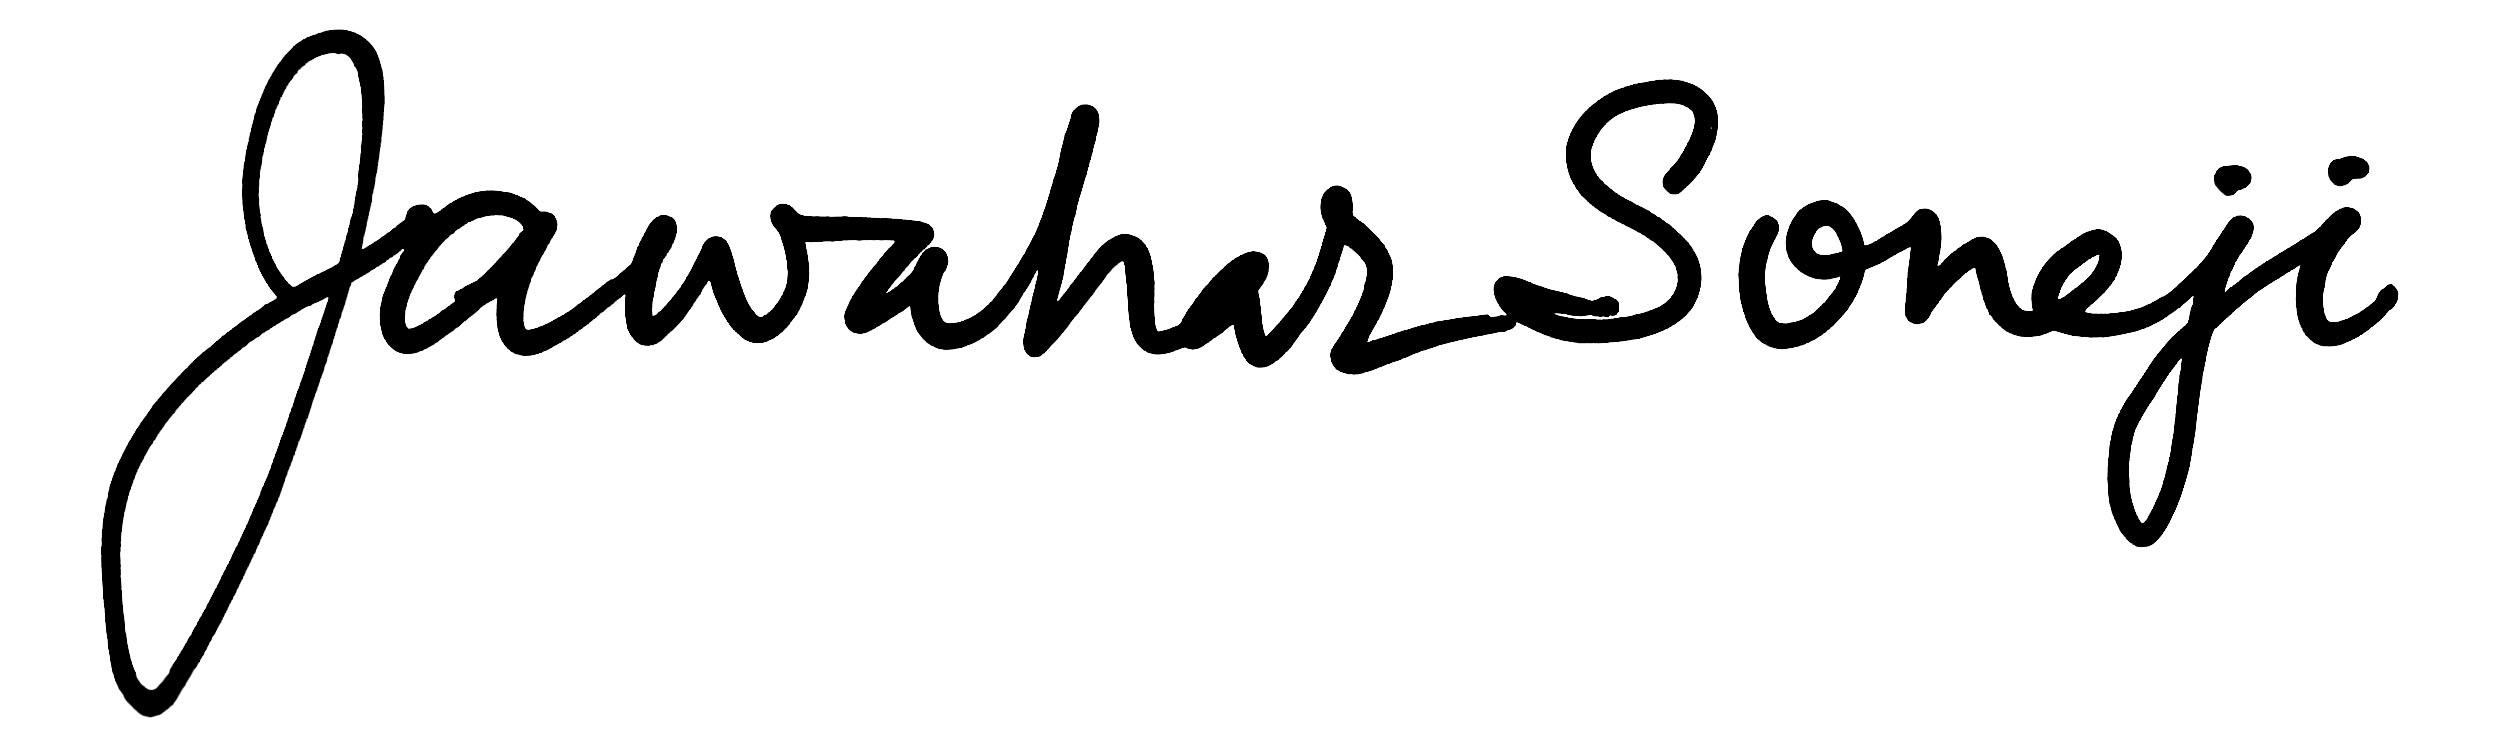 Jawahar Soneji Signature